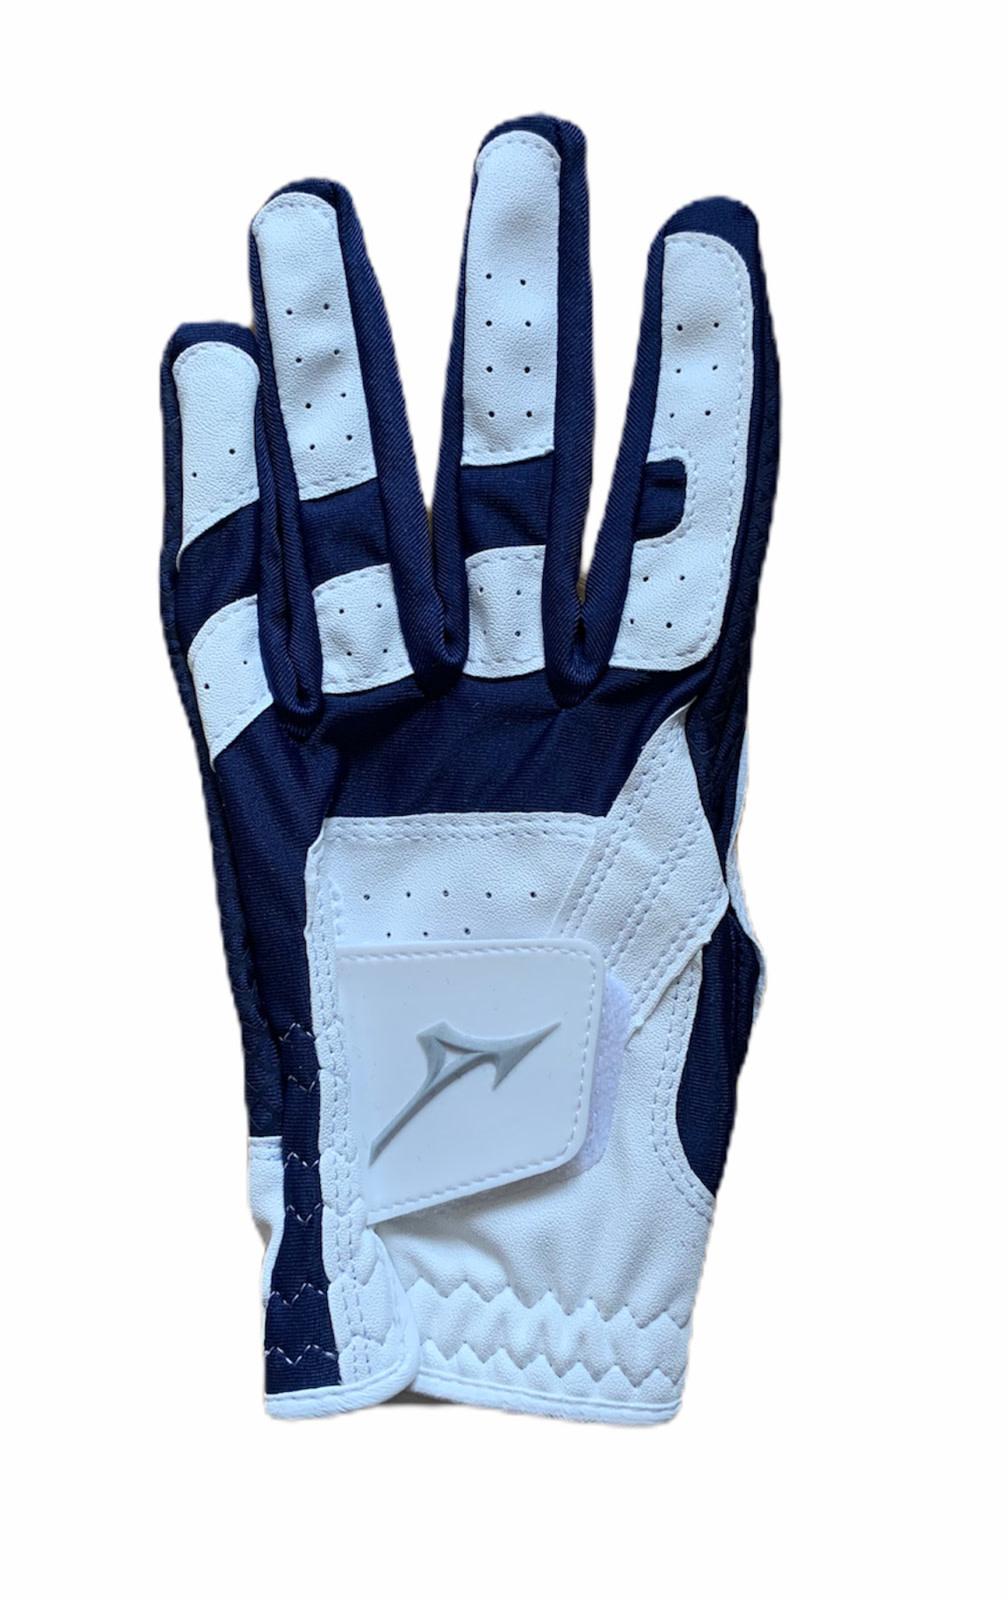 Mizuno Mizuno Stretch golven glove, golf handschoen, diverse kleuren, one size